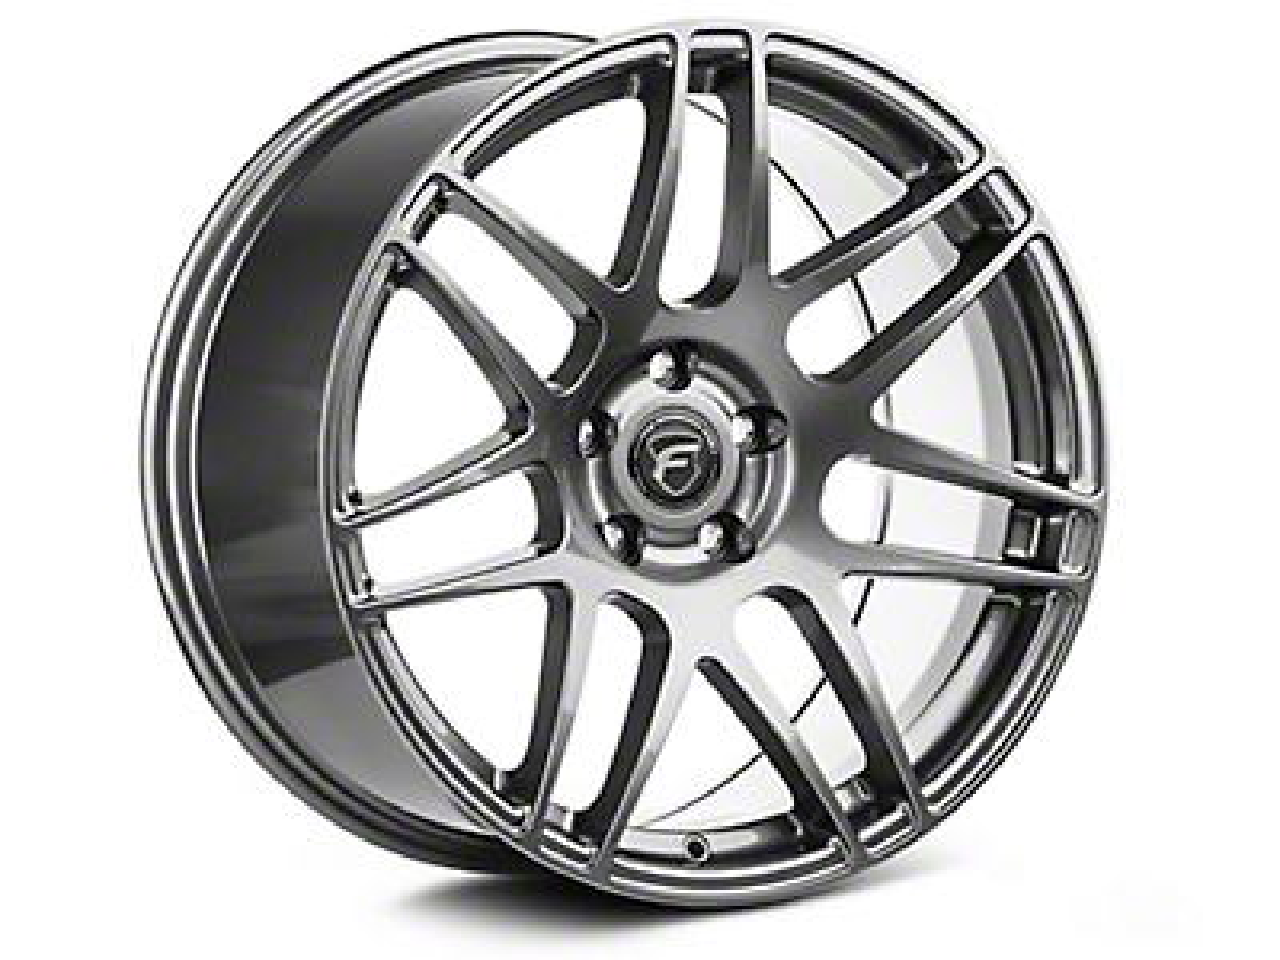 Forgestar Gunmetal F14 Drag Edition Wheel - 17x7 (05-14 All; Excludes 13-14 GT500)